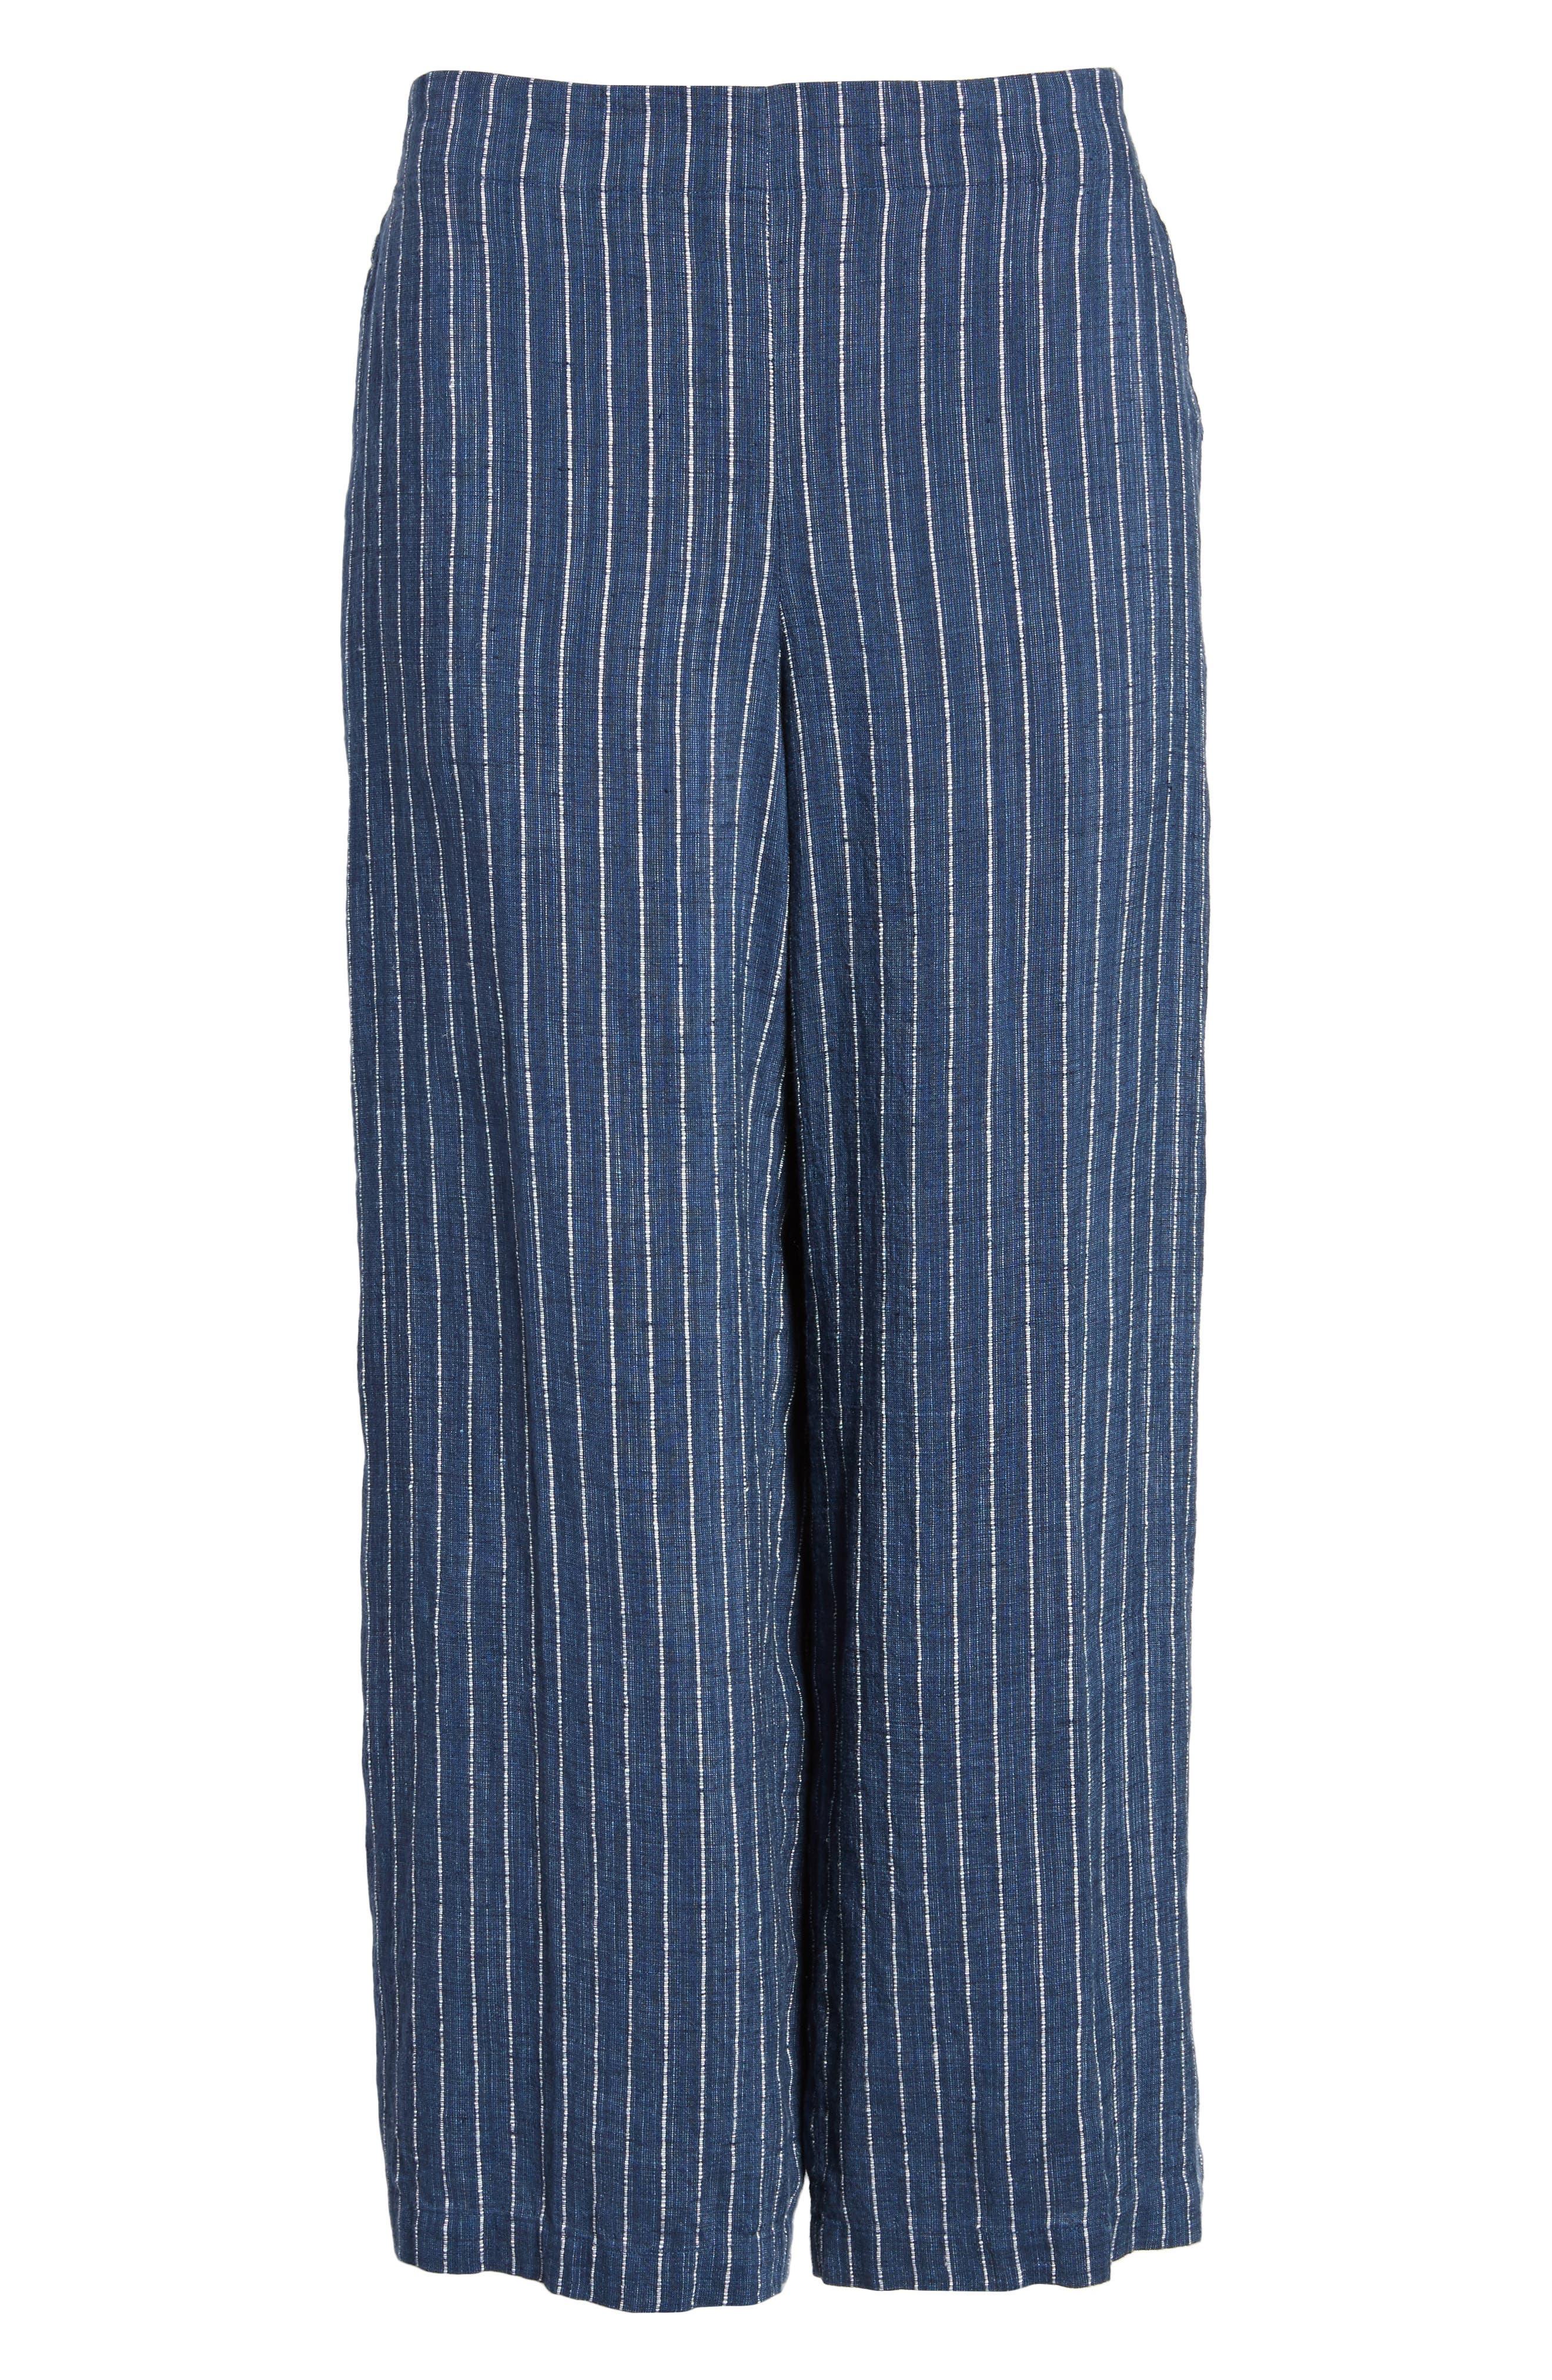 Stripe Linen Crop Pants,                             Alternate thumbnail 7, color,                             Denim